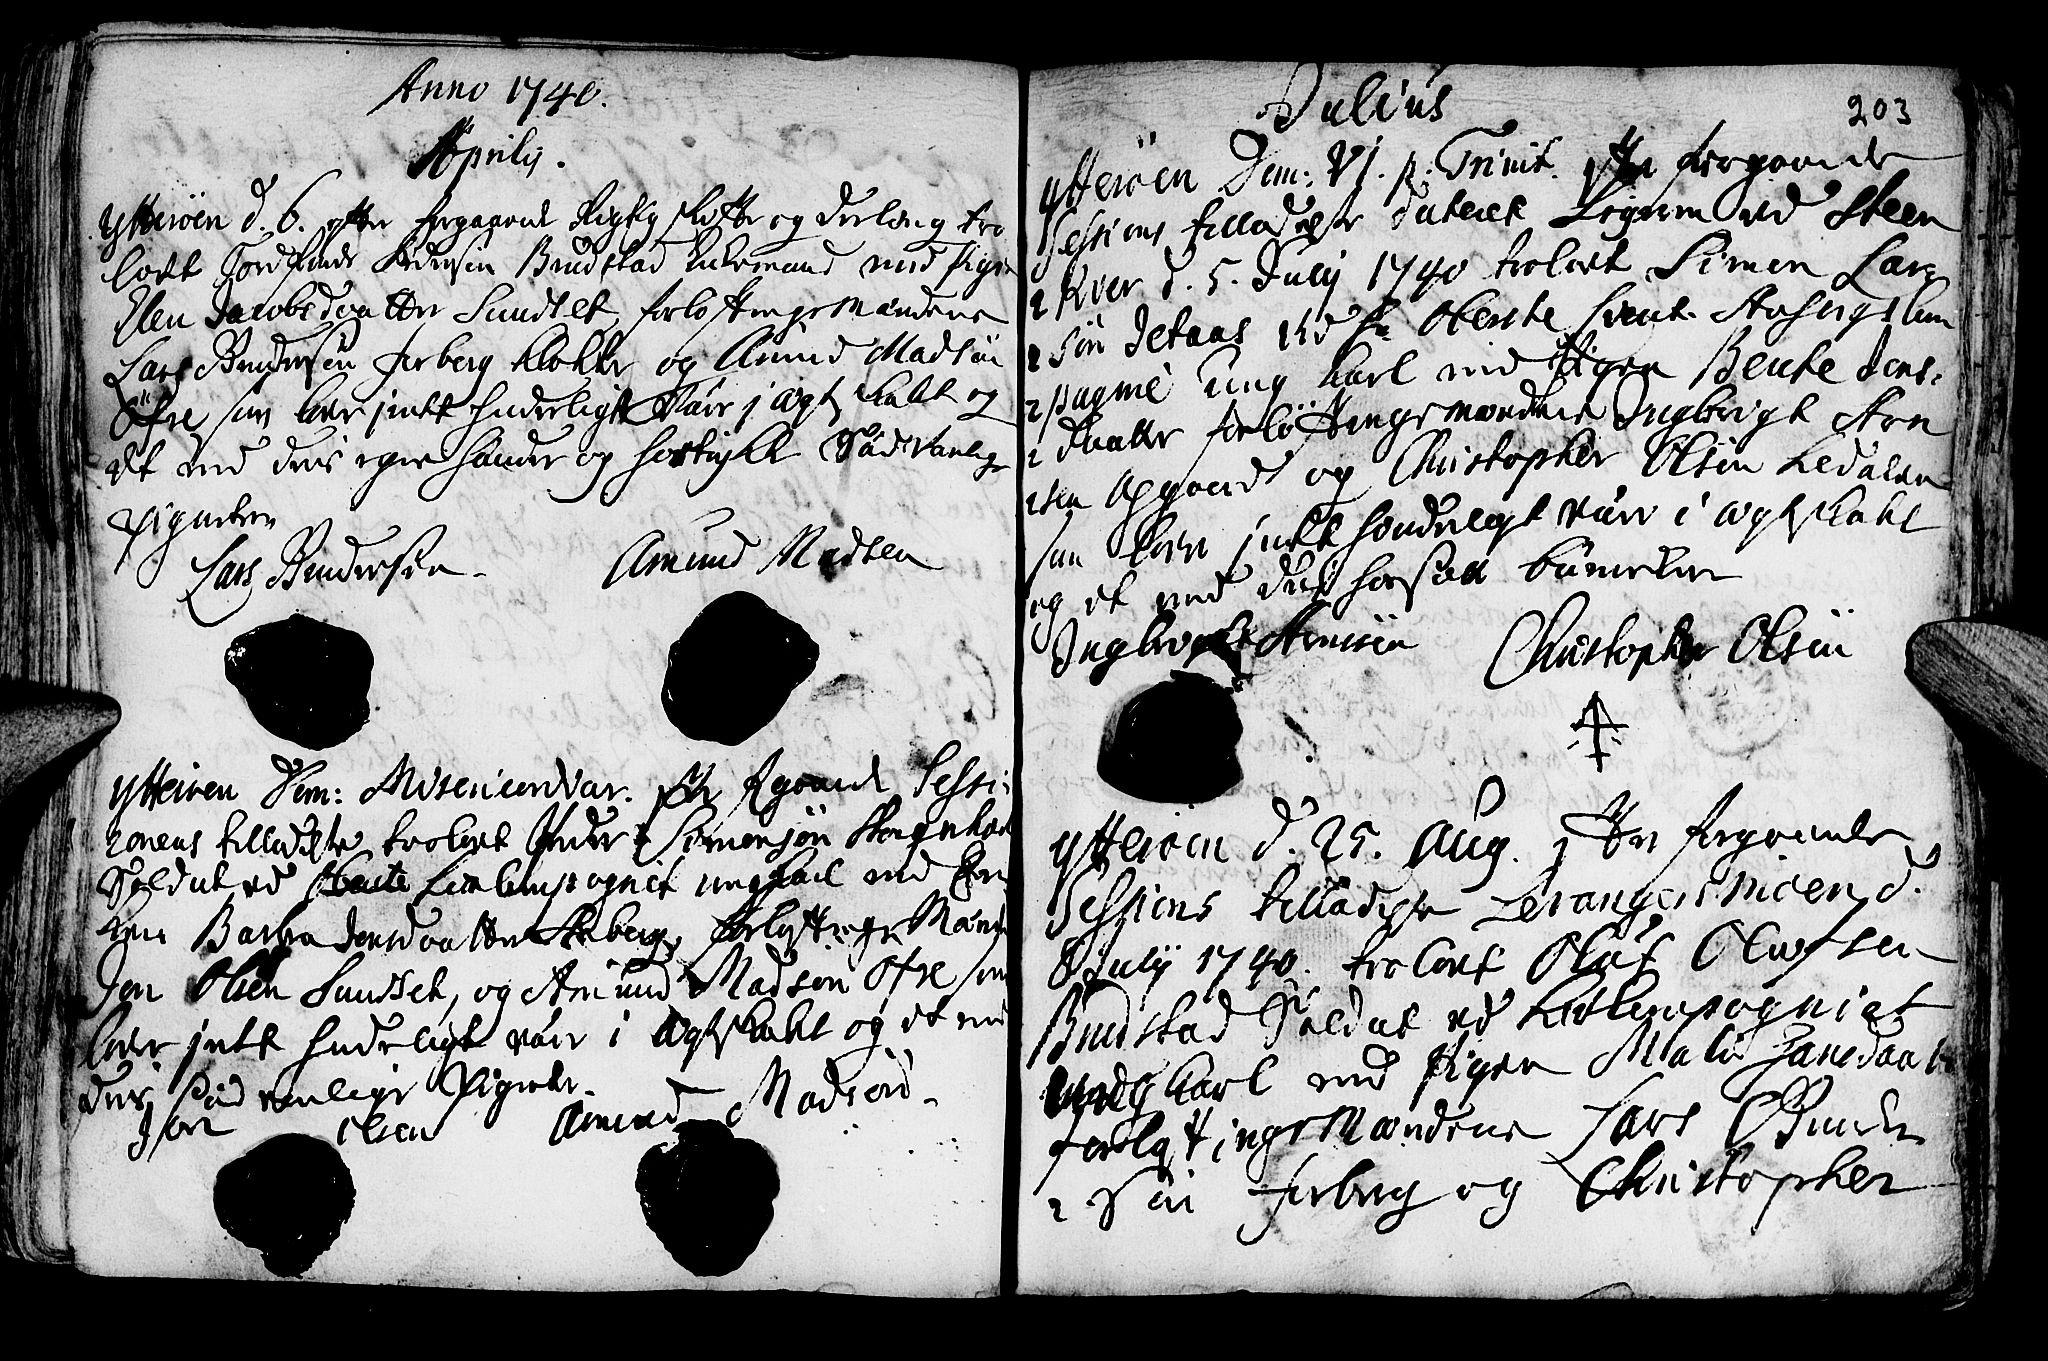 SAT, Ministerialprotokoller, klokkerbøker og fødselsregistre - Nord-Trøndelag, 722/L0215: Ministerialbok nr. 722A02, 1718-1755, s. 203